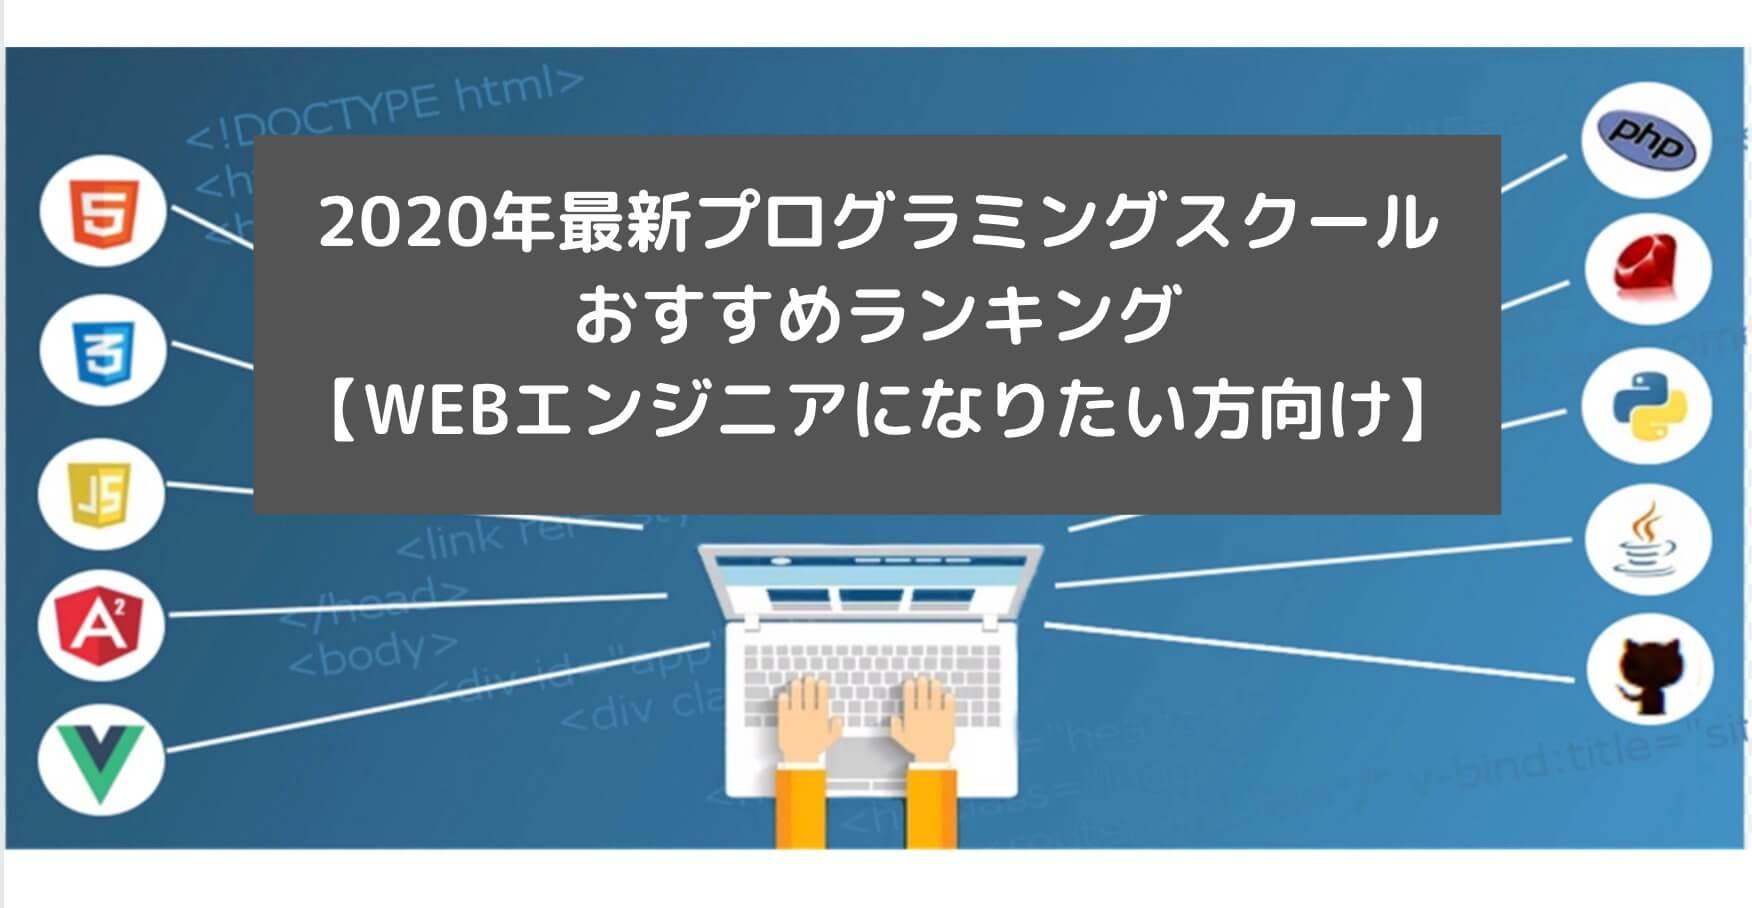 2020年最新プログラミングスクール おすすめランキング【WEBエンジニアになりたい方向け】と書かれた画像